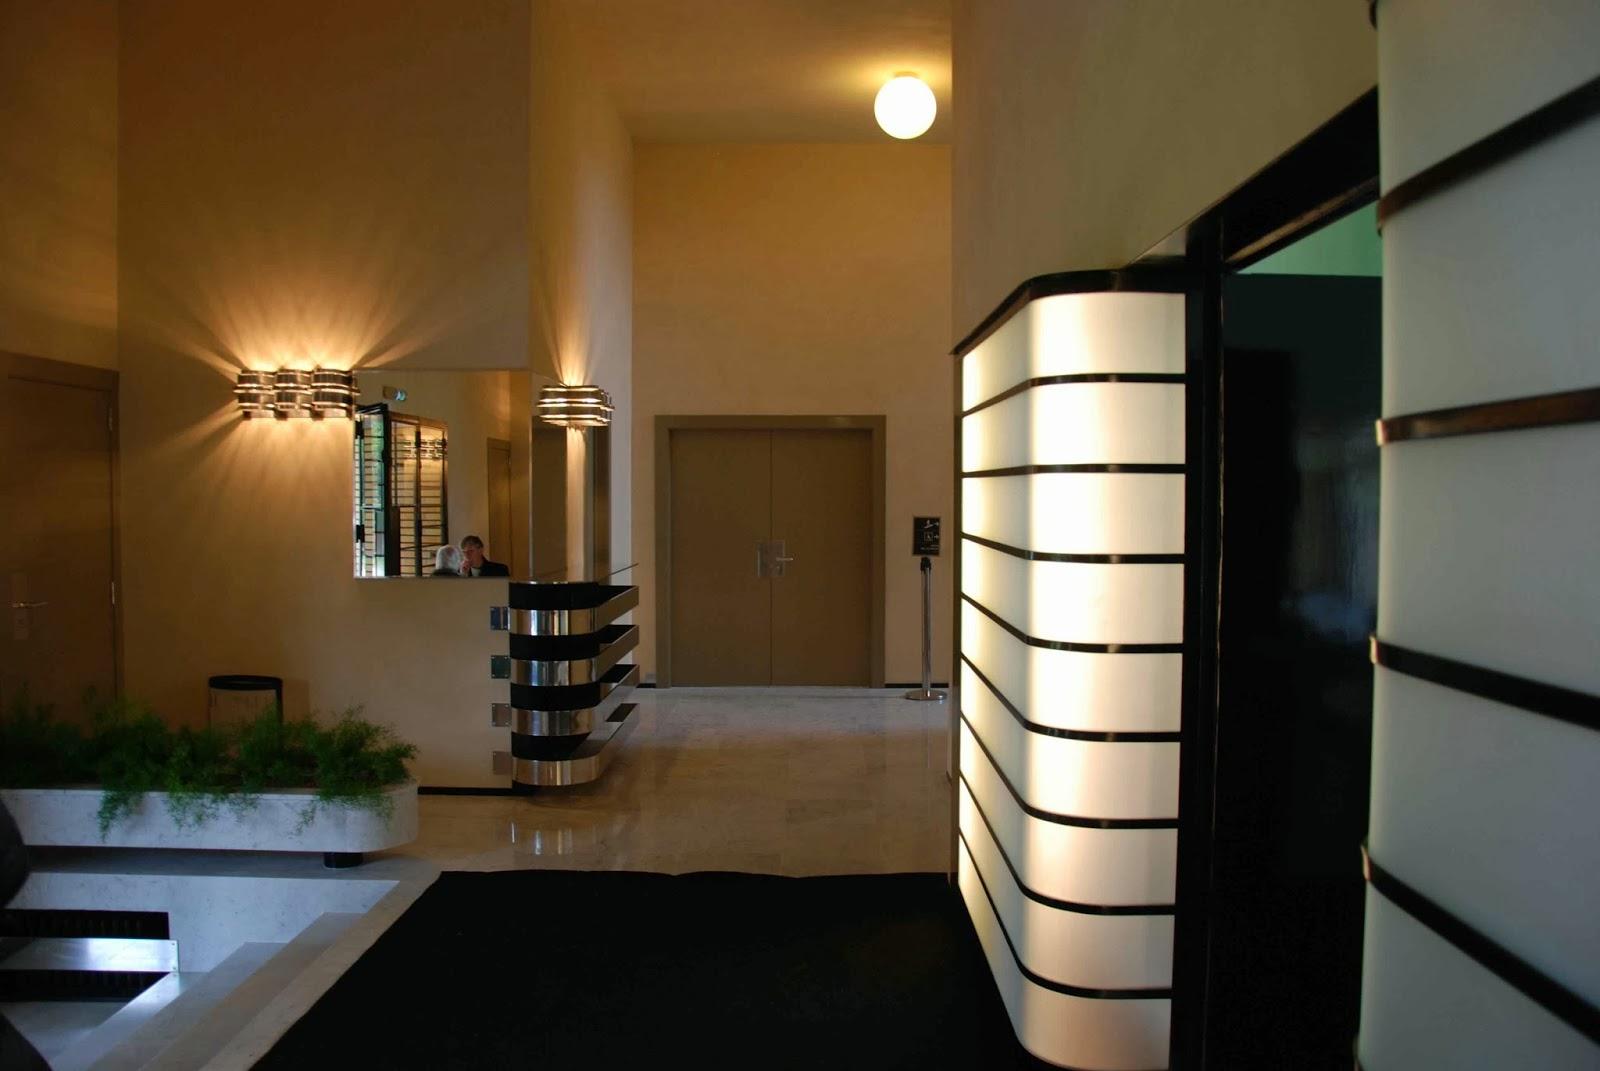 le parc barbieux dit le beau jardin la villa cavrois de robert mallet stevens. Black Bedroom Furniture Sets. Home Design Ideas